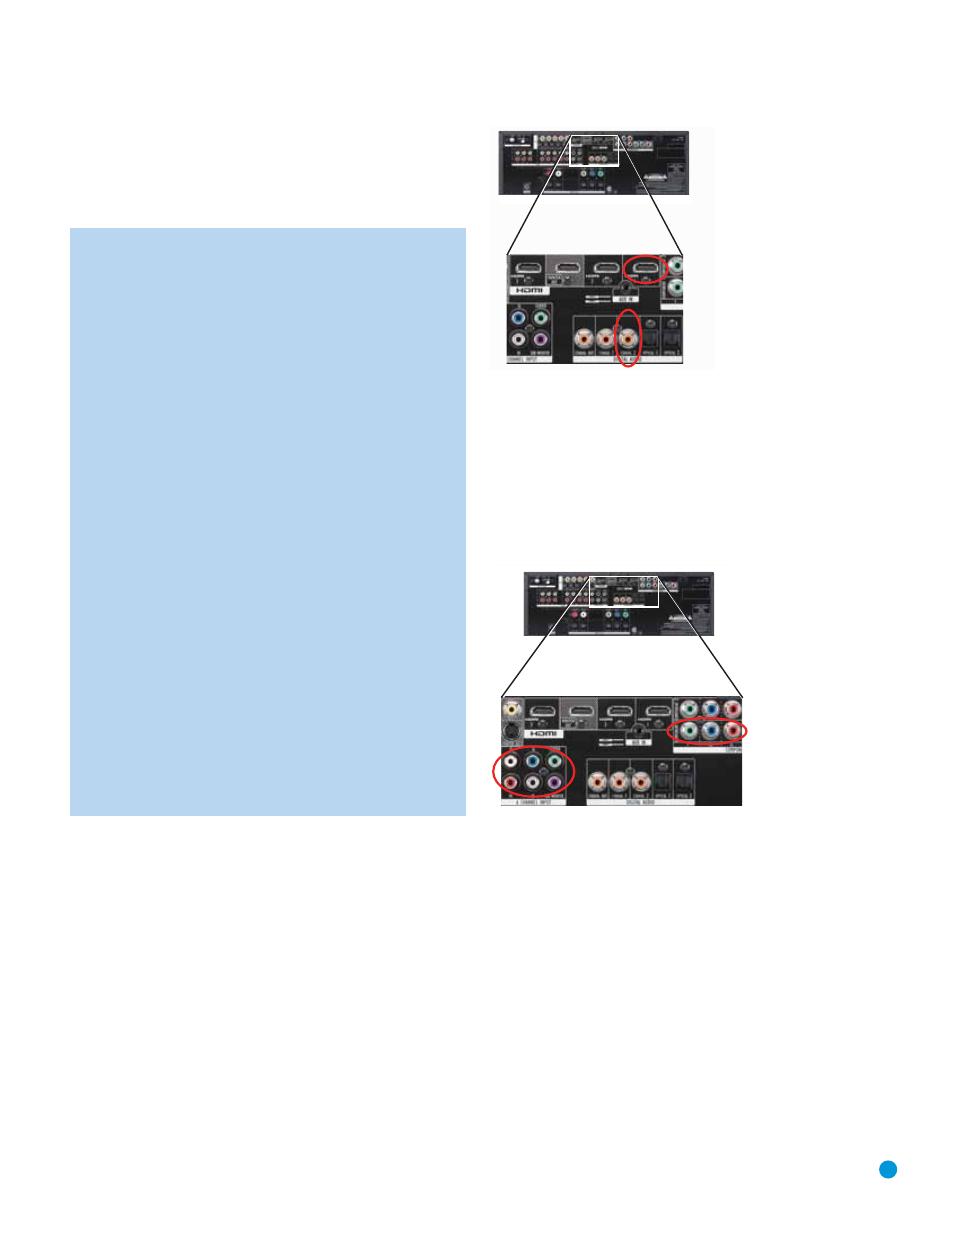 installation harman kardon avr 154 user manual page 21 60 rh manualsdir com avr 154 service manual harman avr 154 manual